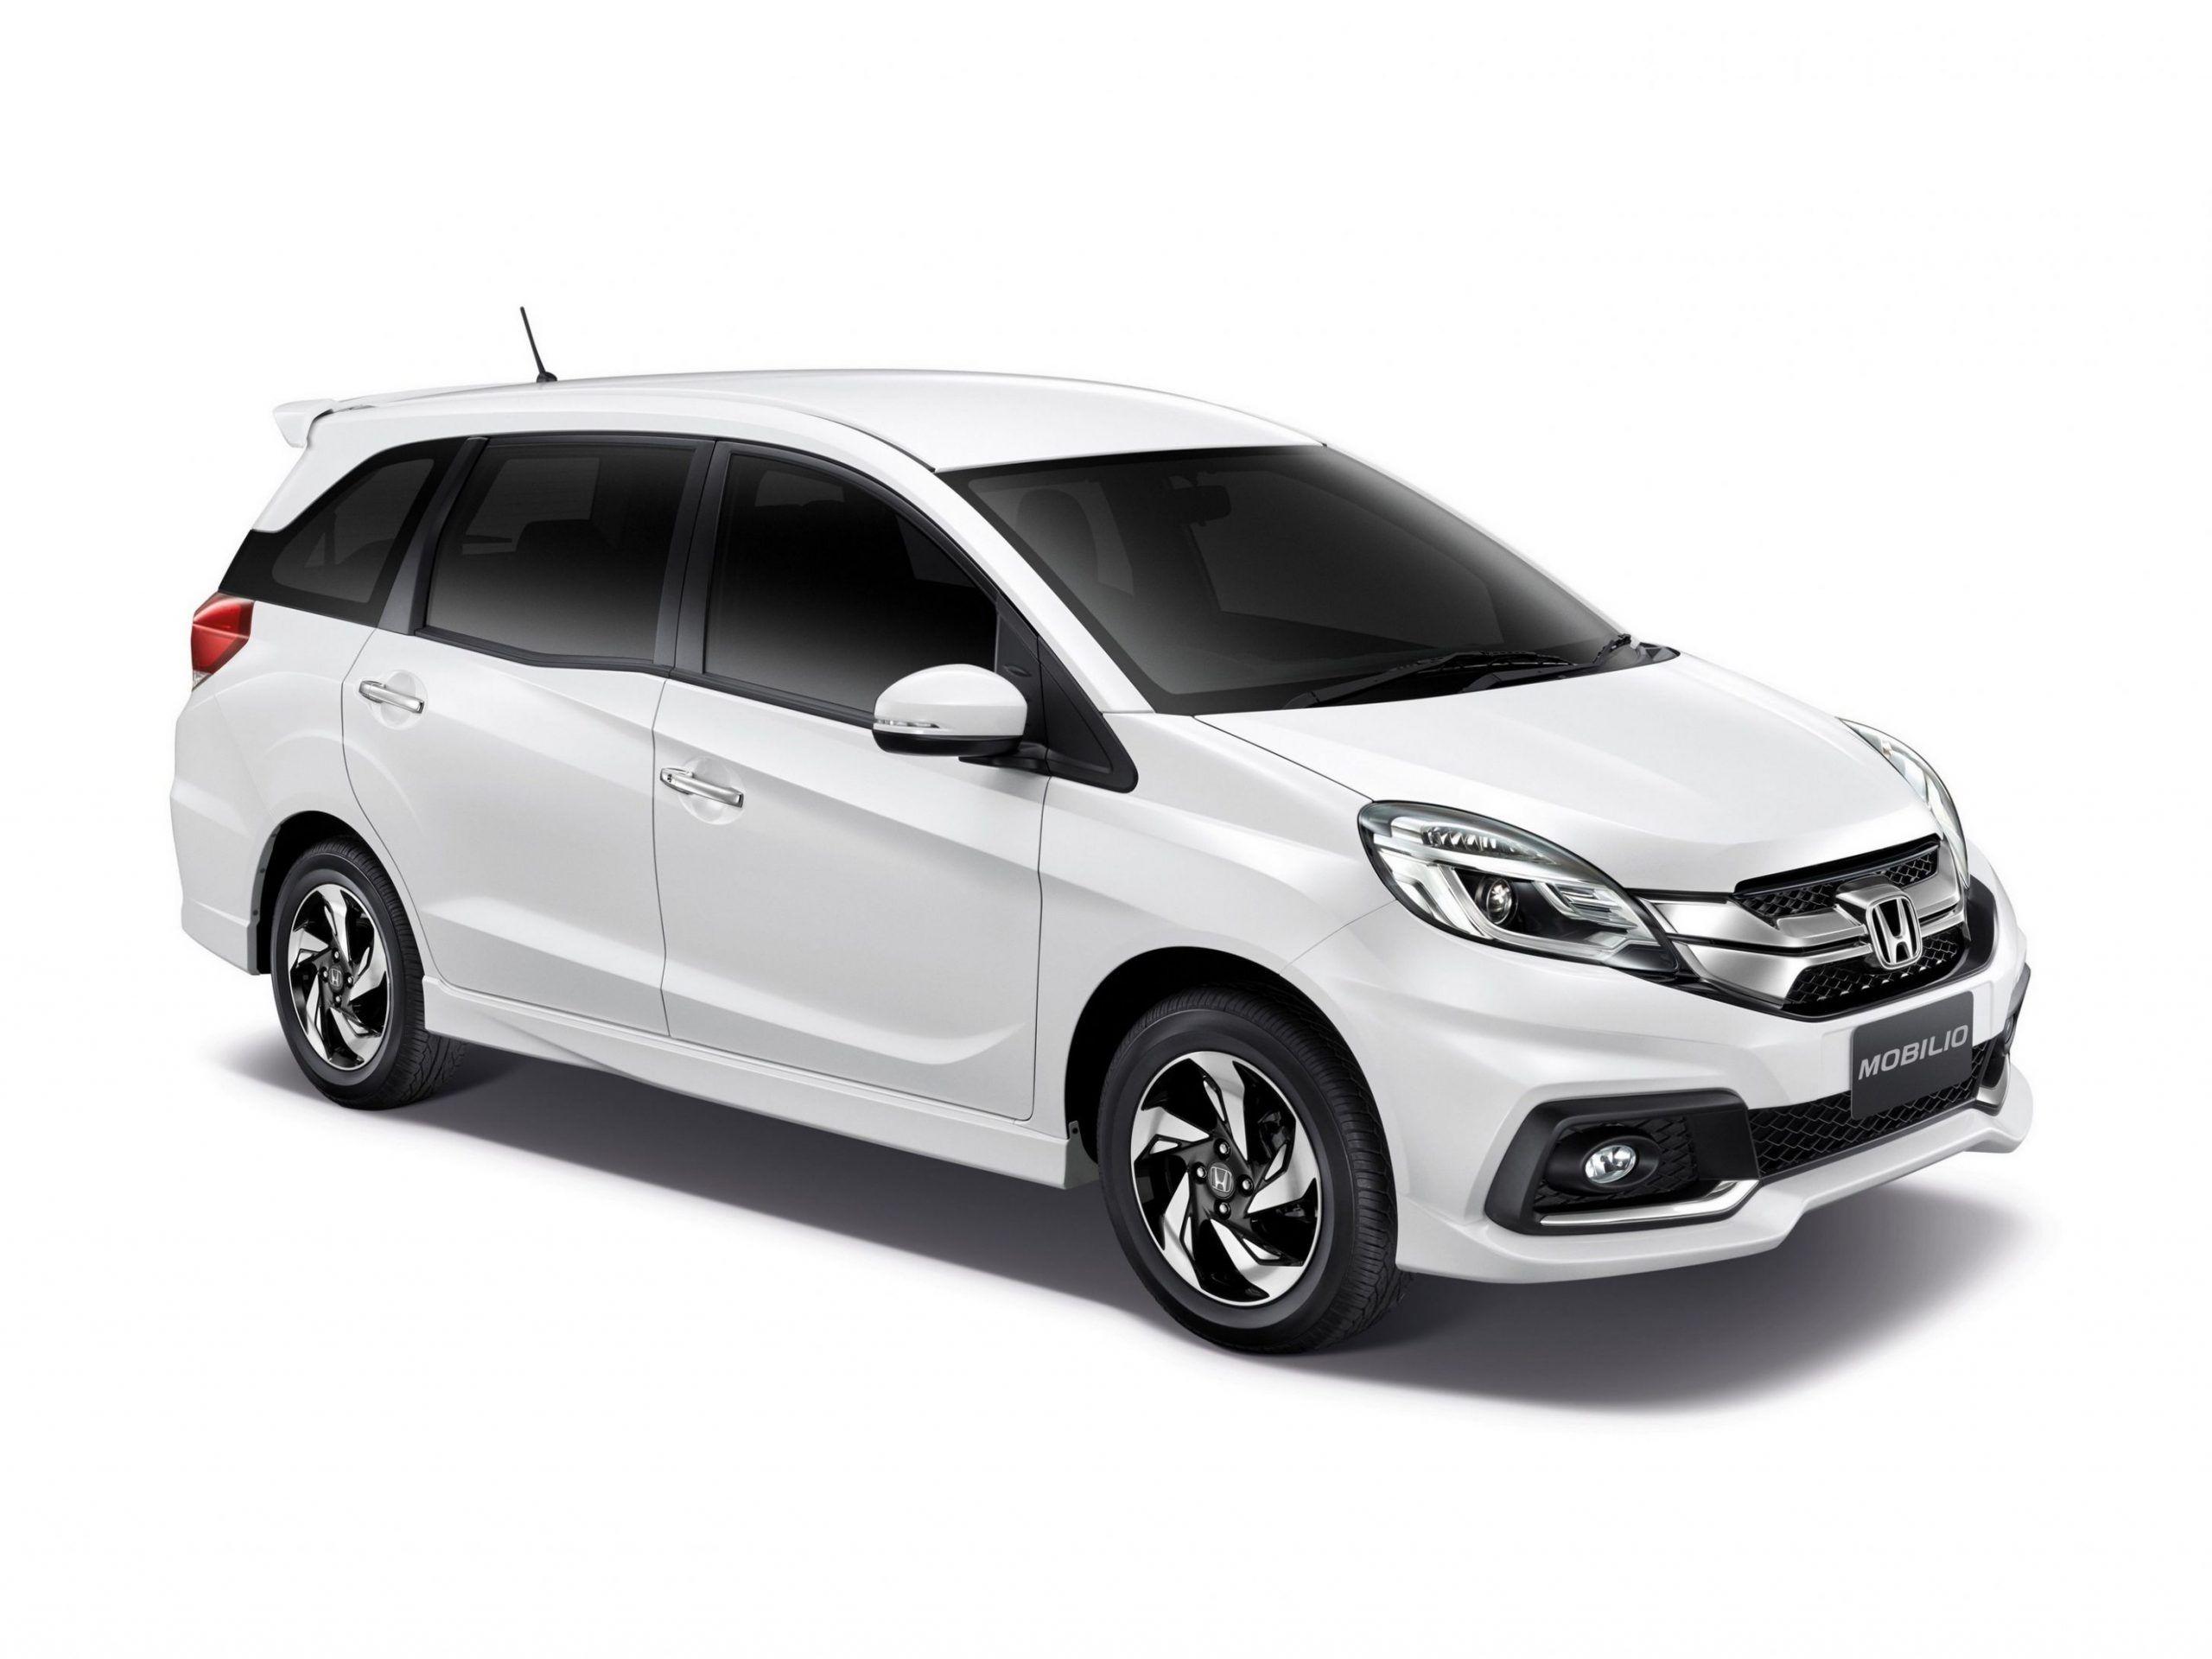 Kekurangan Harga Mobil Honda Mobilio Bekas Murah Berkualitas